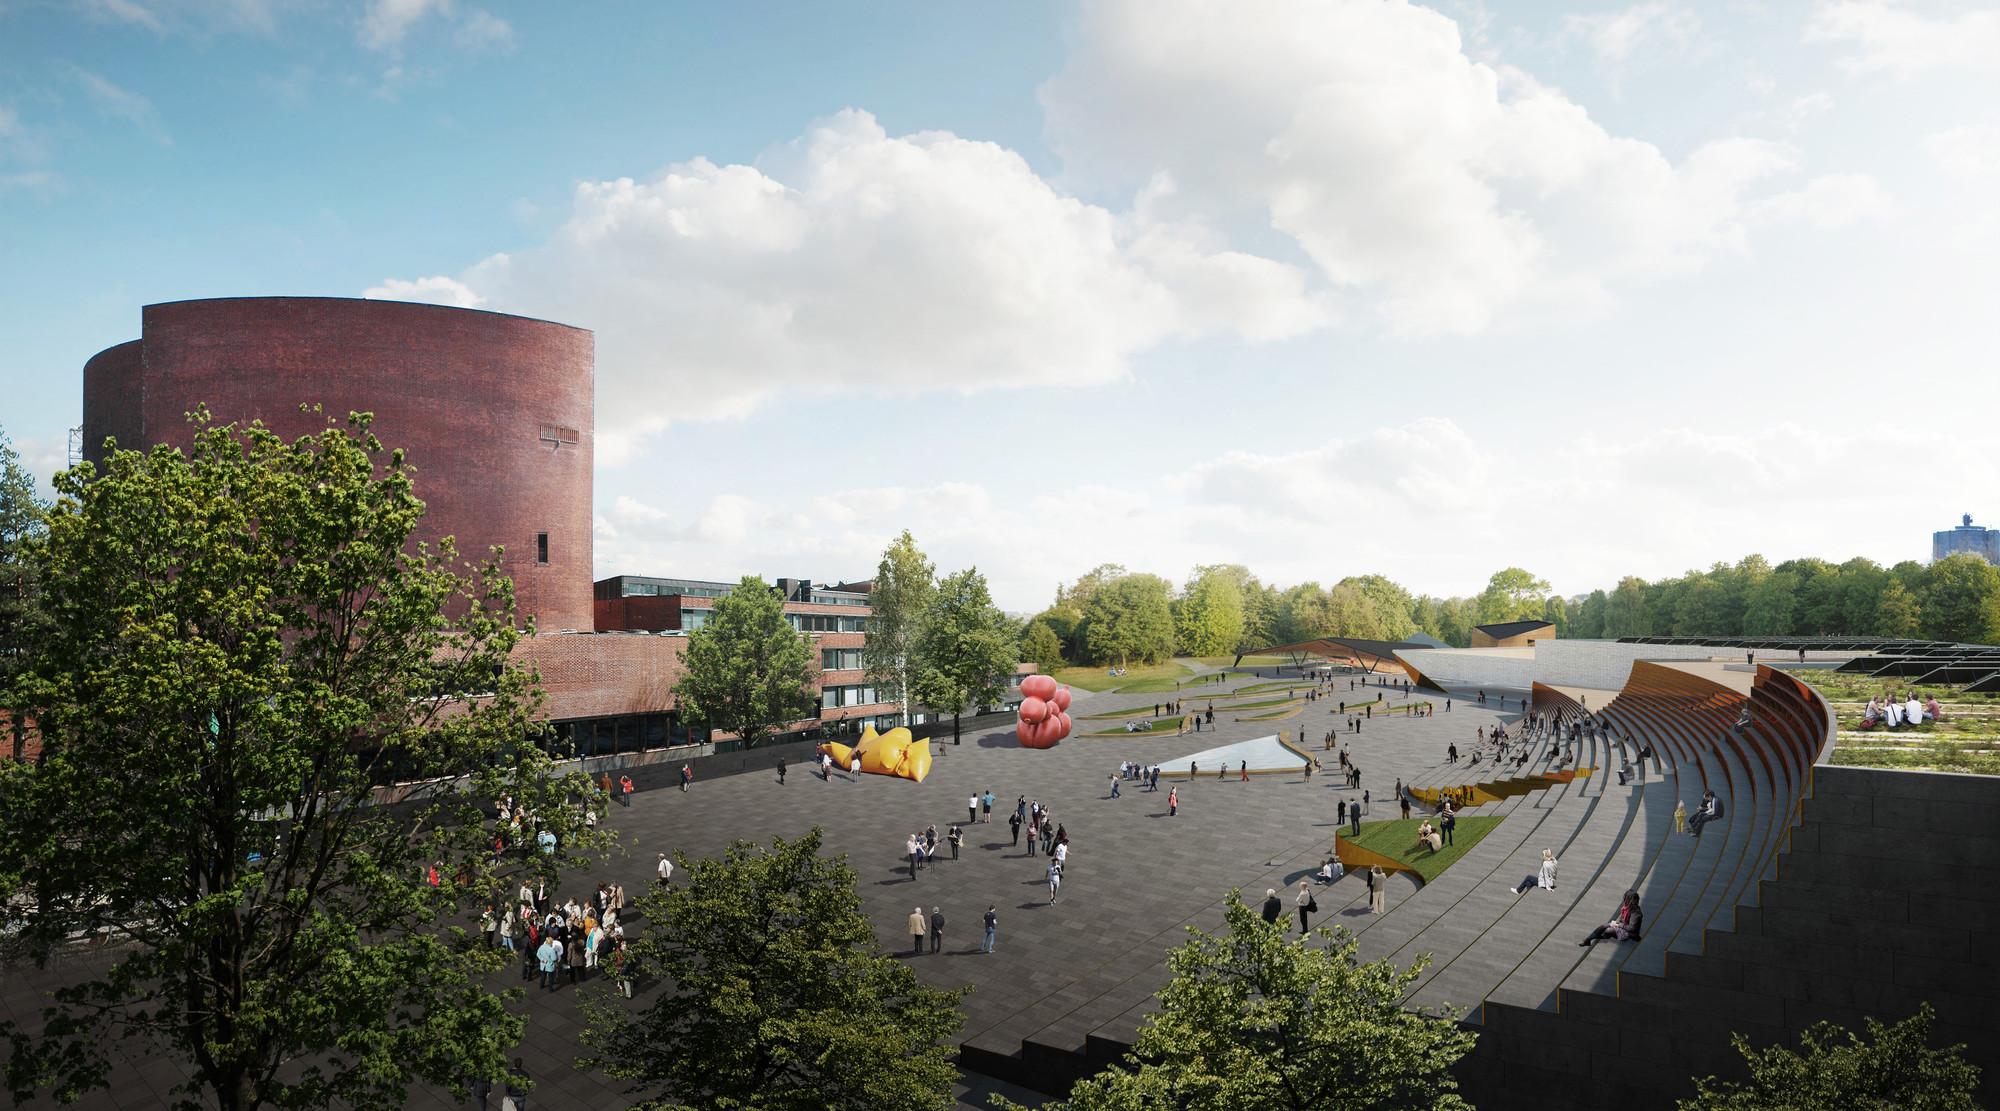 Plaza Rendering. Image © ALA Architects